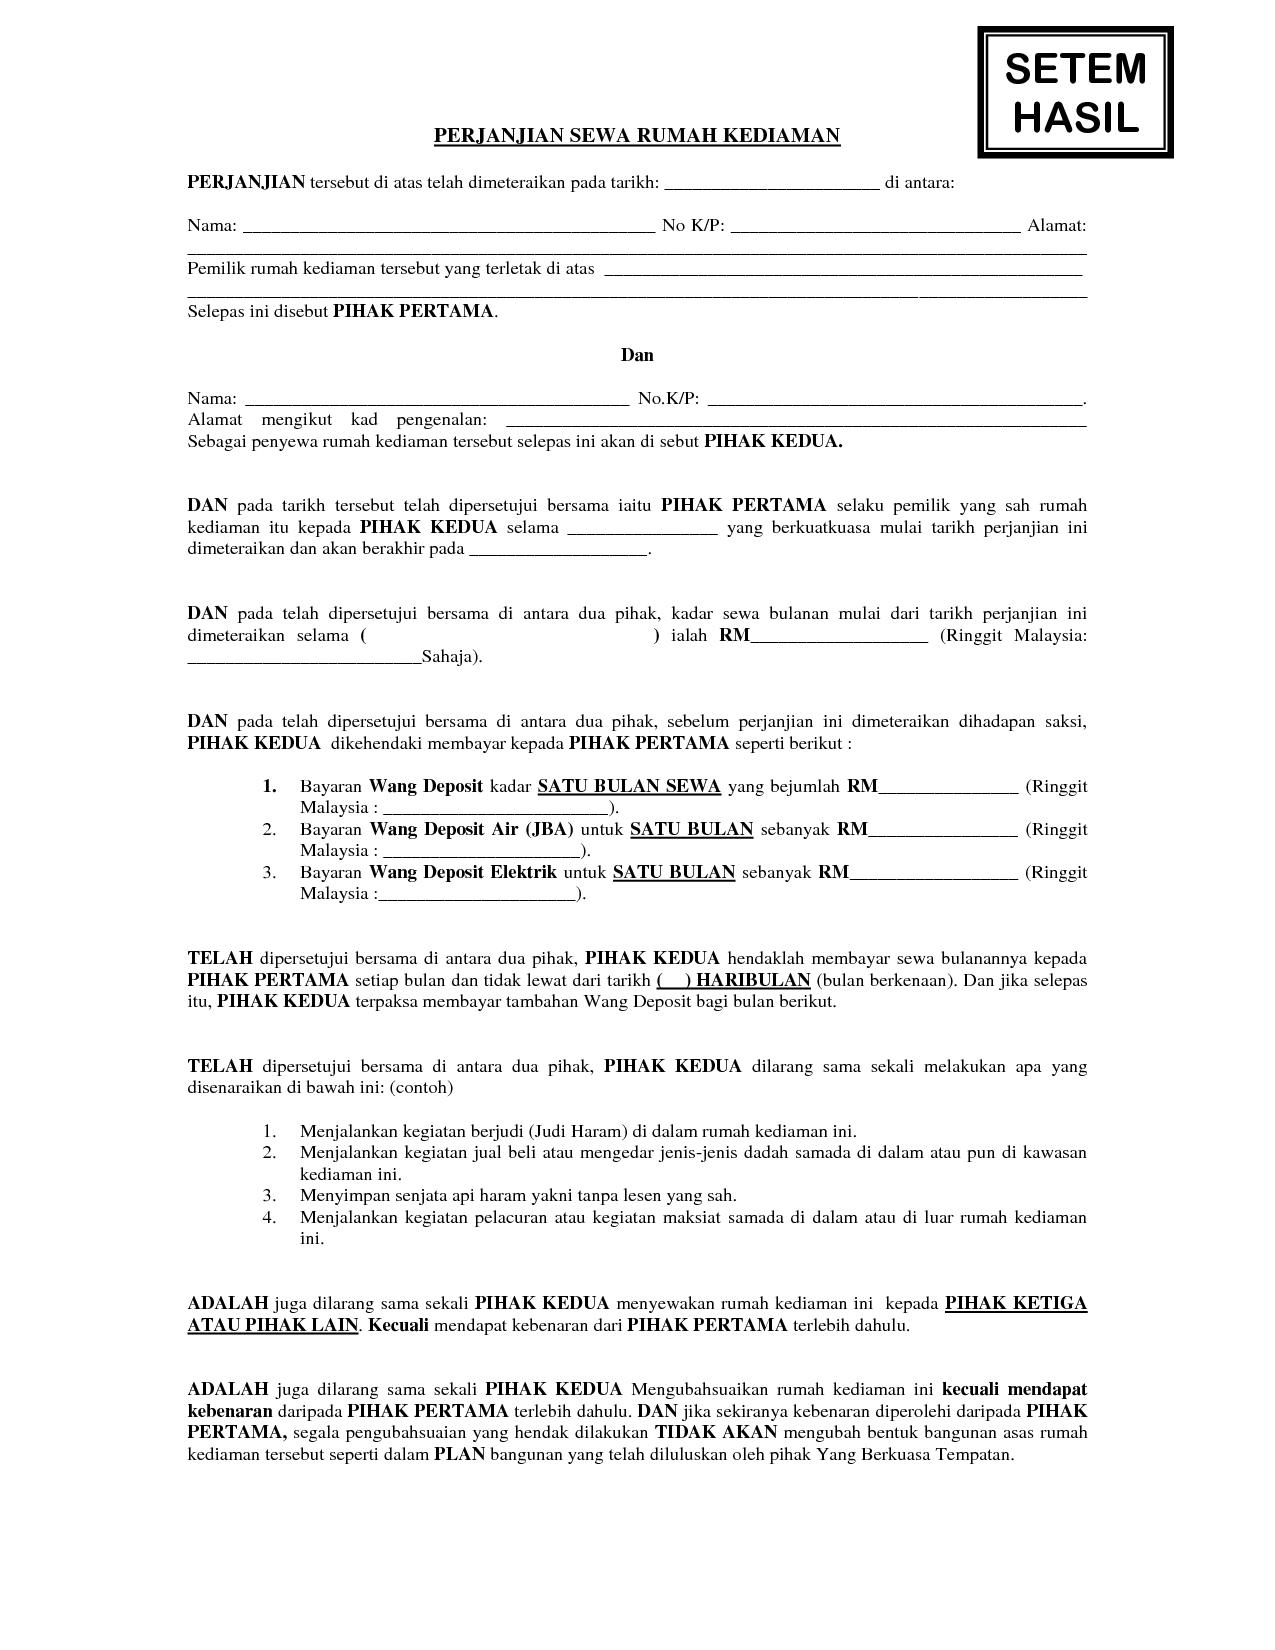 Contoh Surat Lamaran Kerja Terbaru Update Download Lengkap